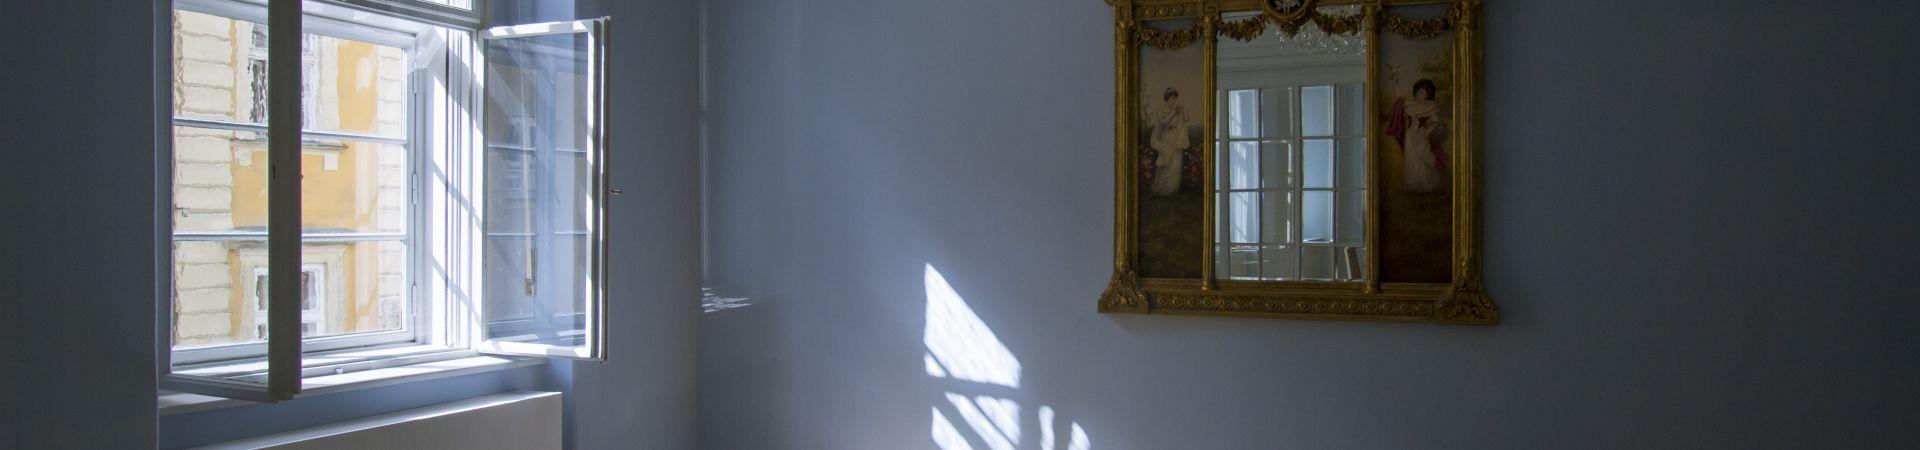 Hartigovský palác - Malý Modrý sál